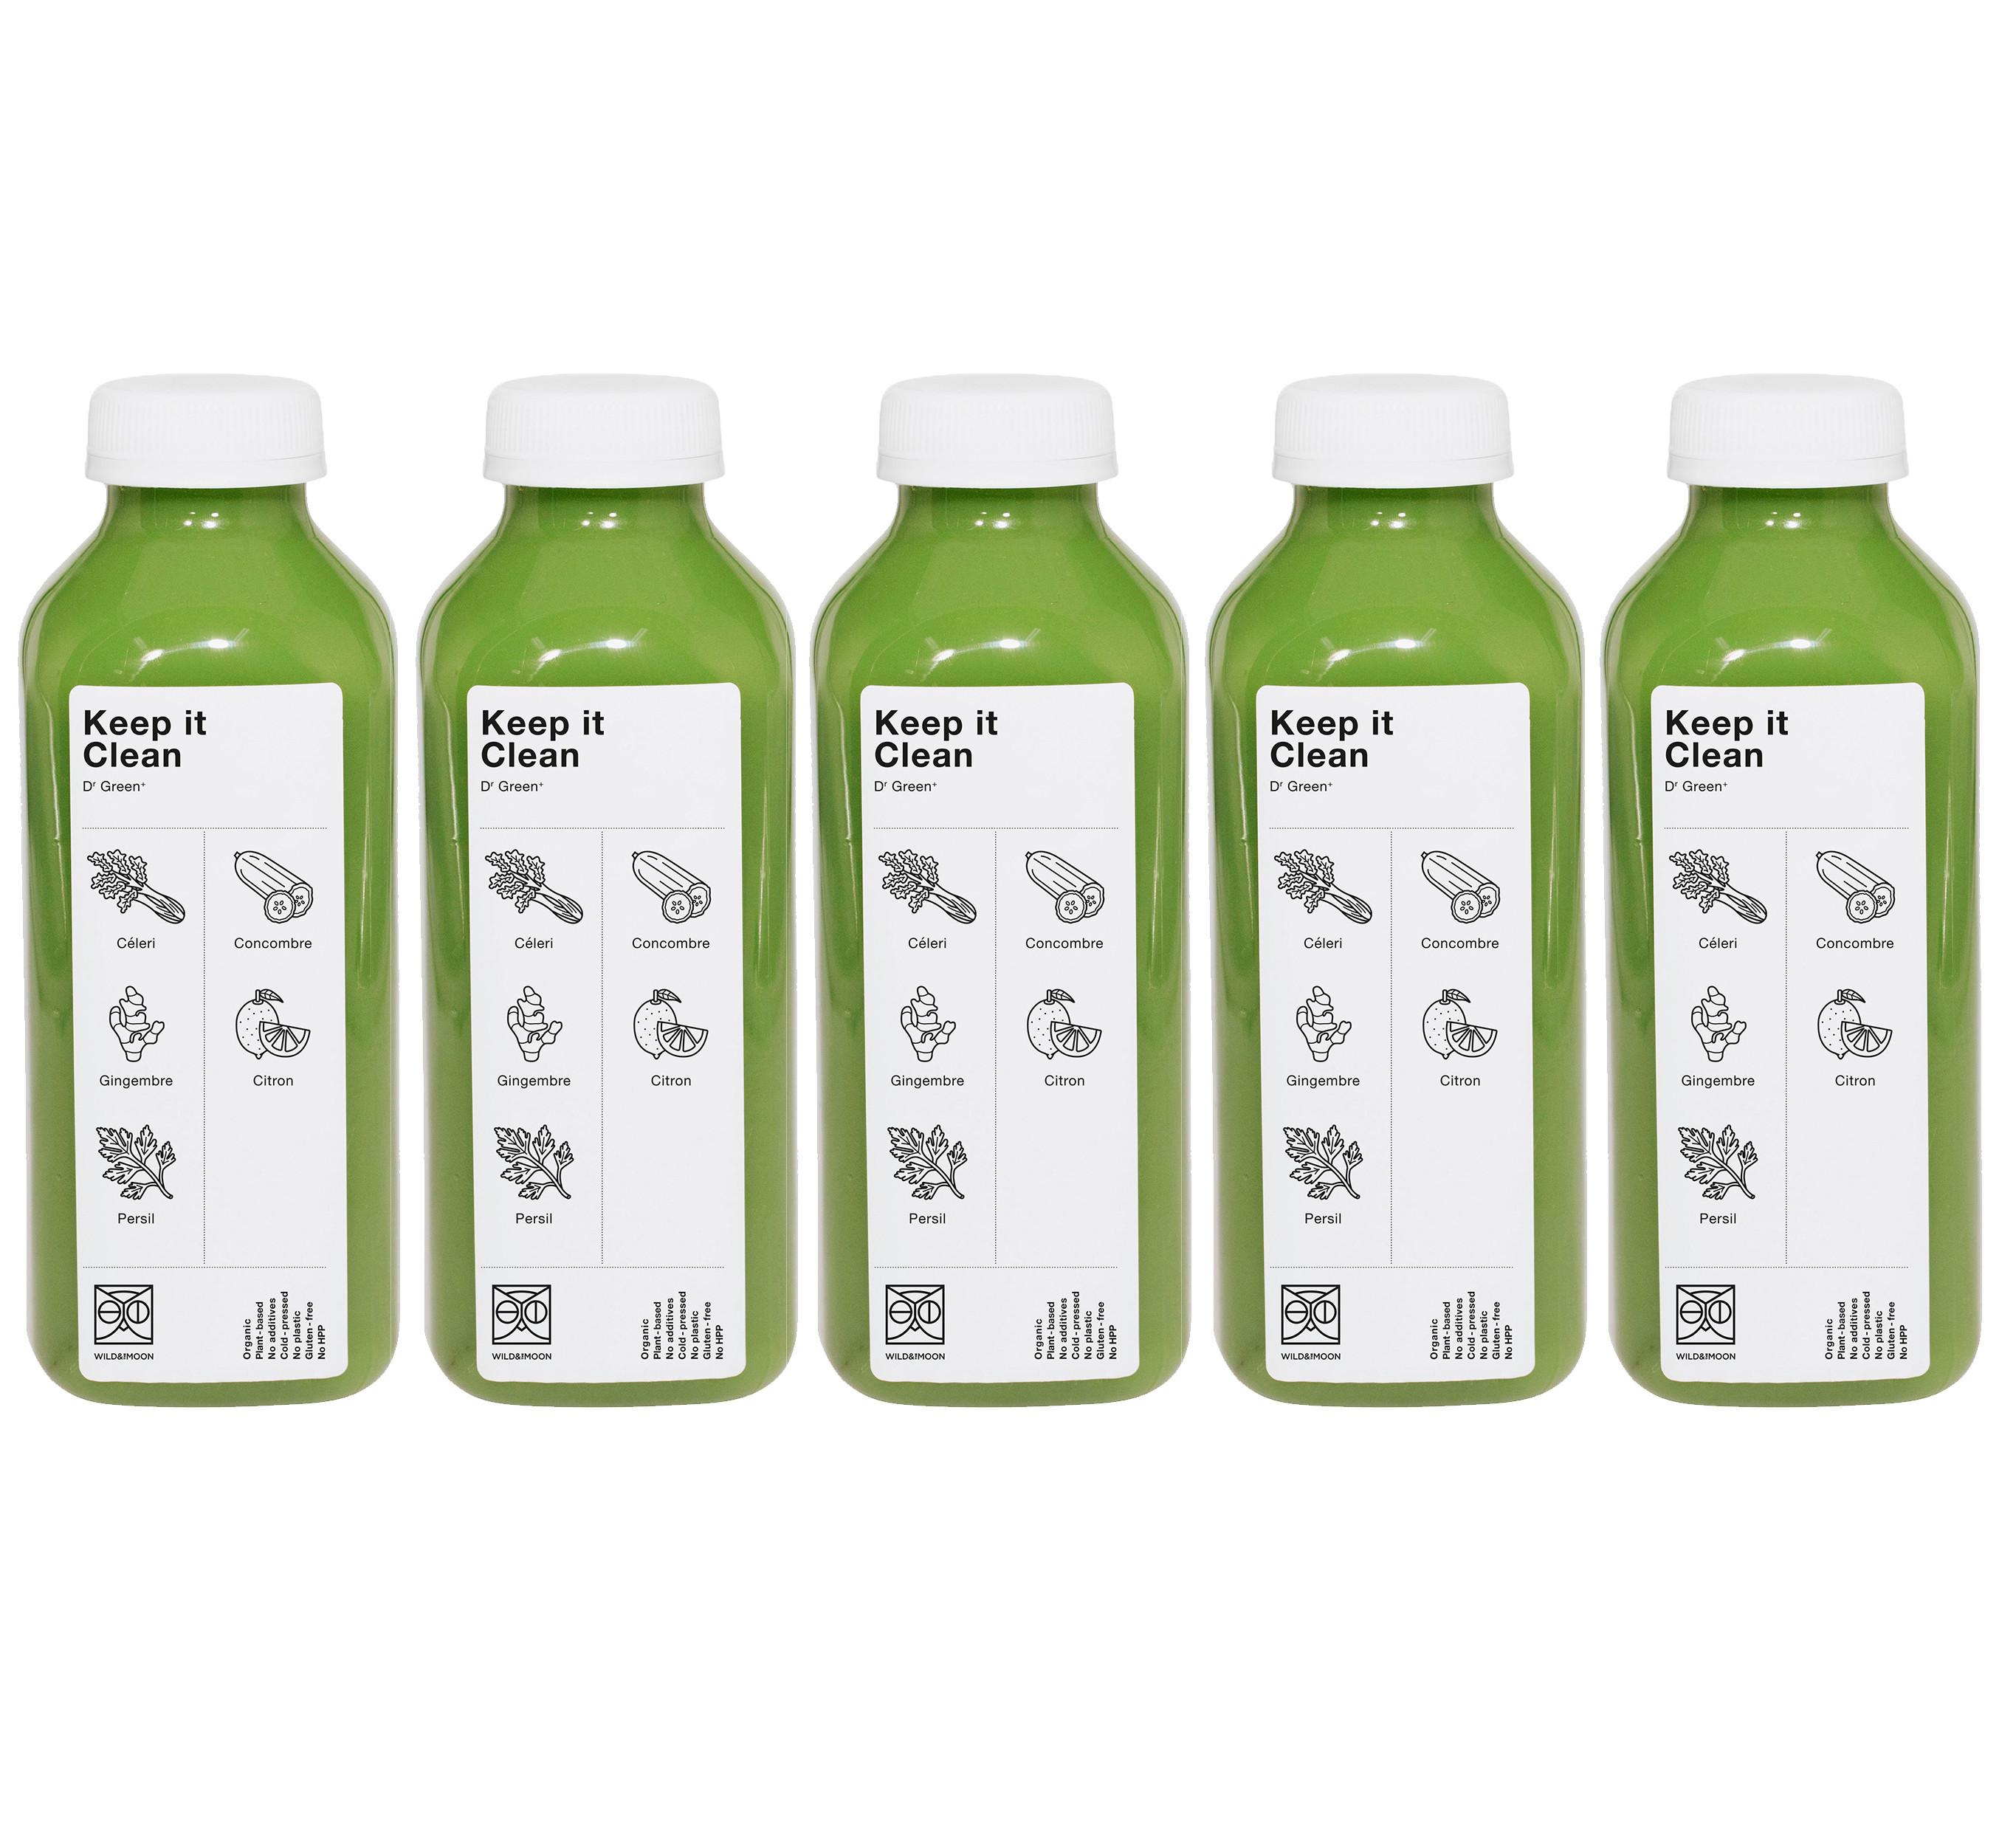 Celery Clean Start